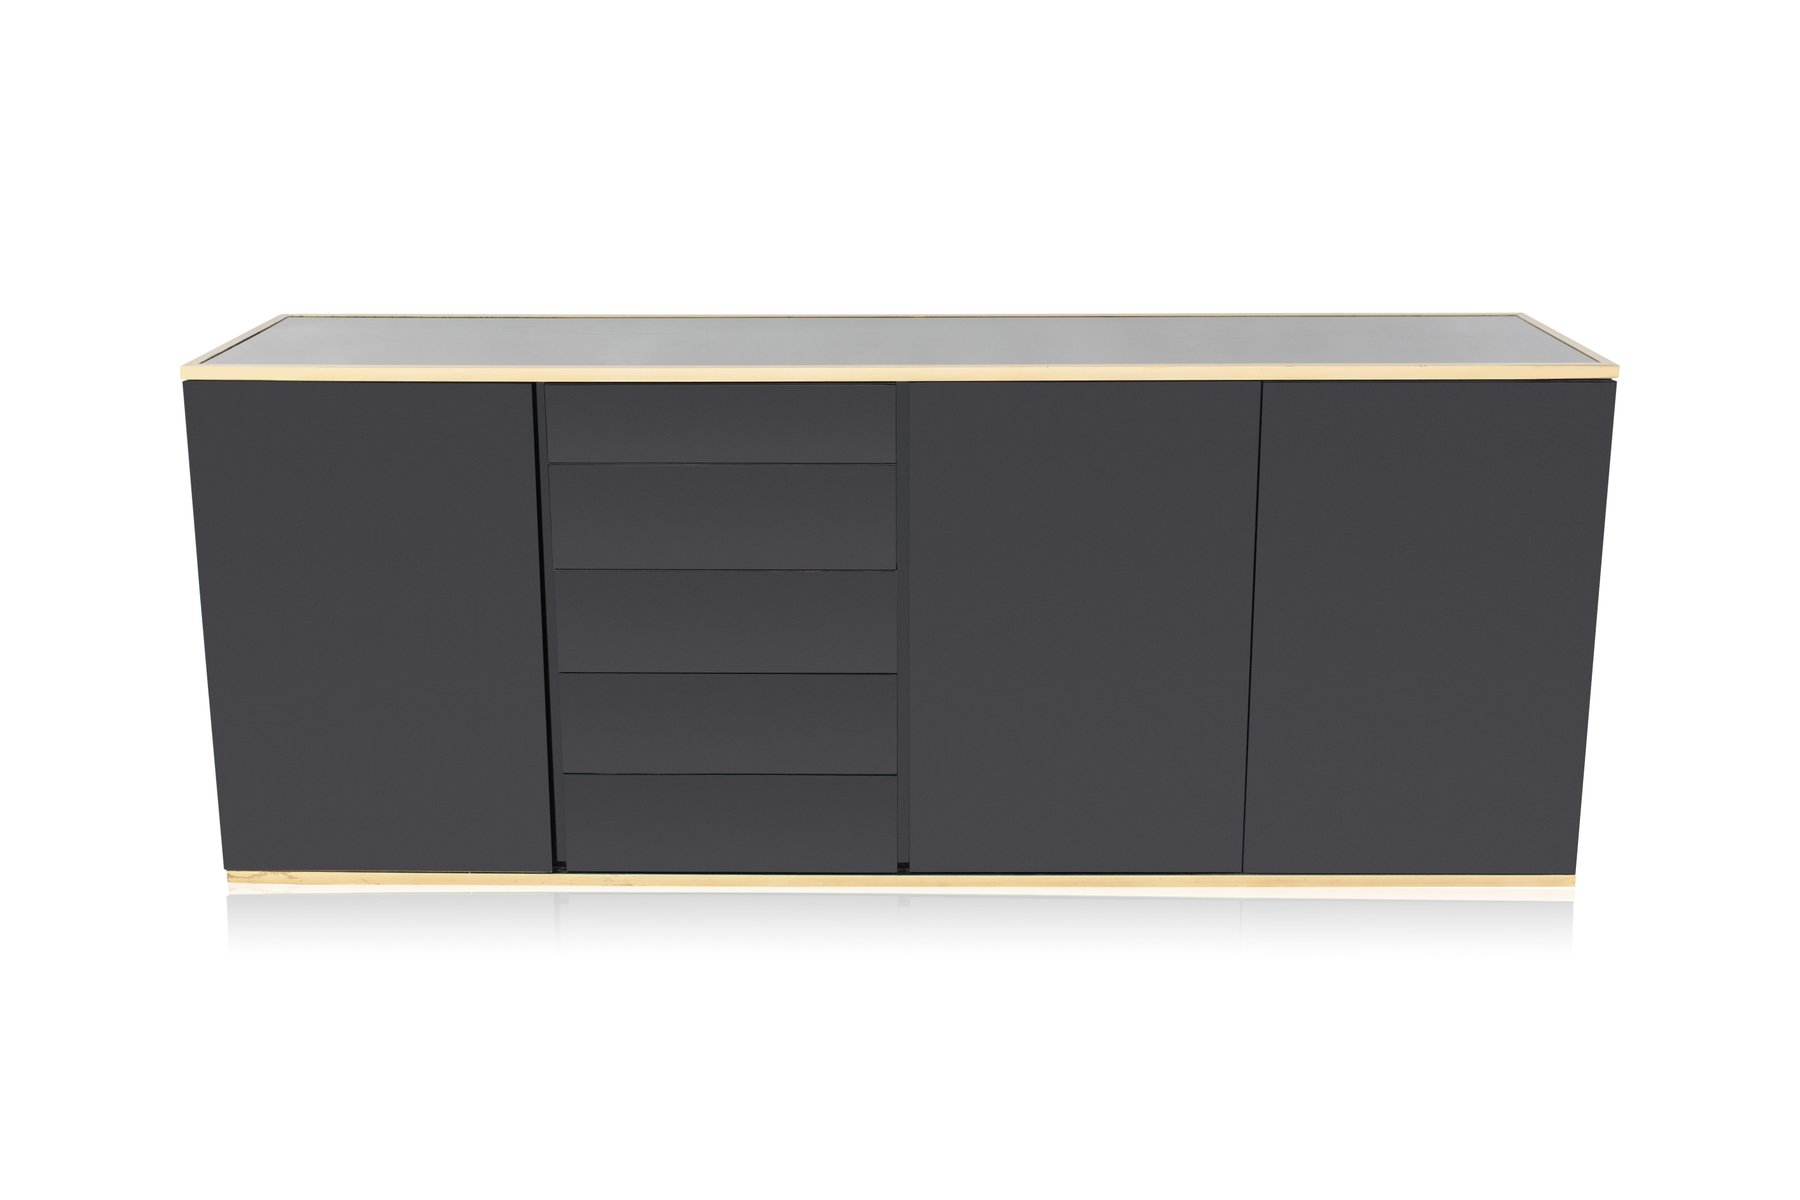 cr dence laqu e noire de roche bobois 1980s en vente sur pamono. Black Bedroom Furniture Sets. Home Design Ideas